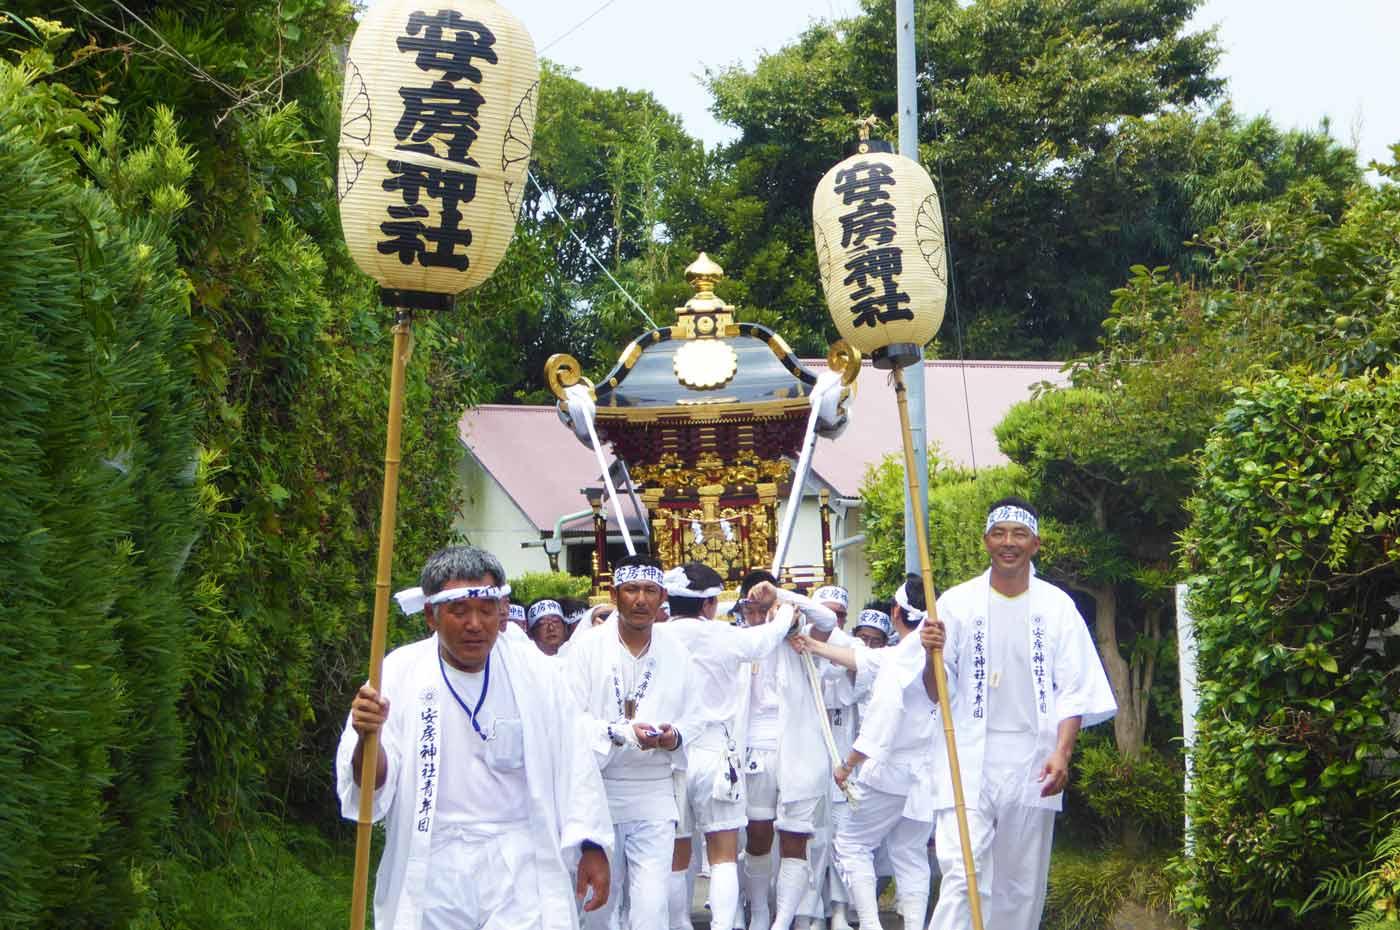 安房神社の祭礼